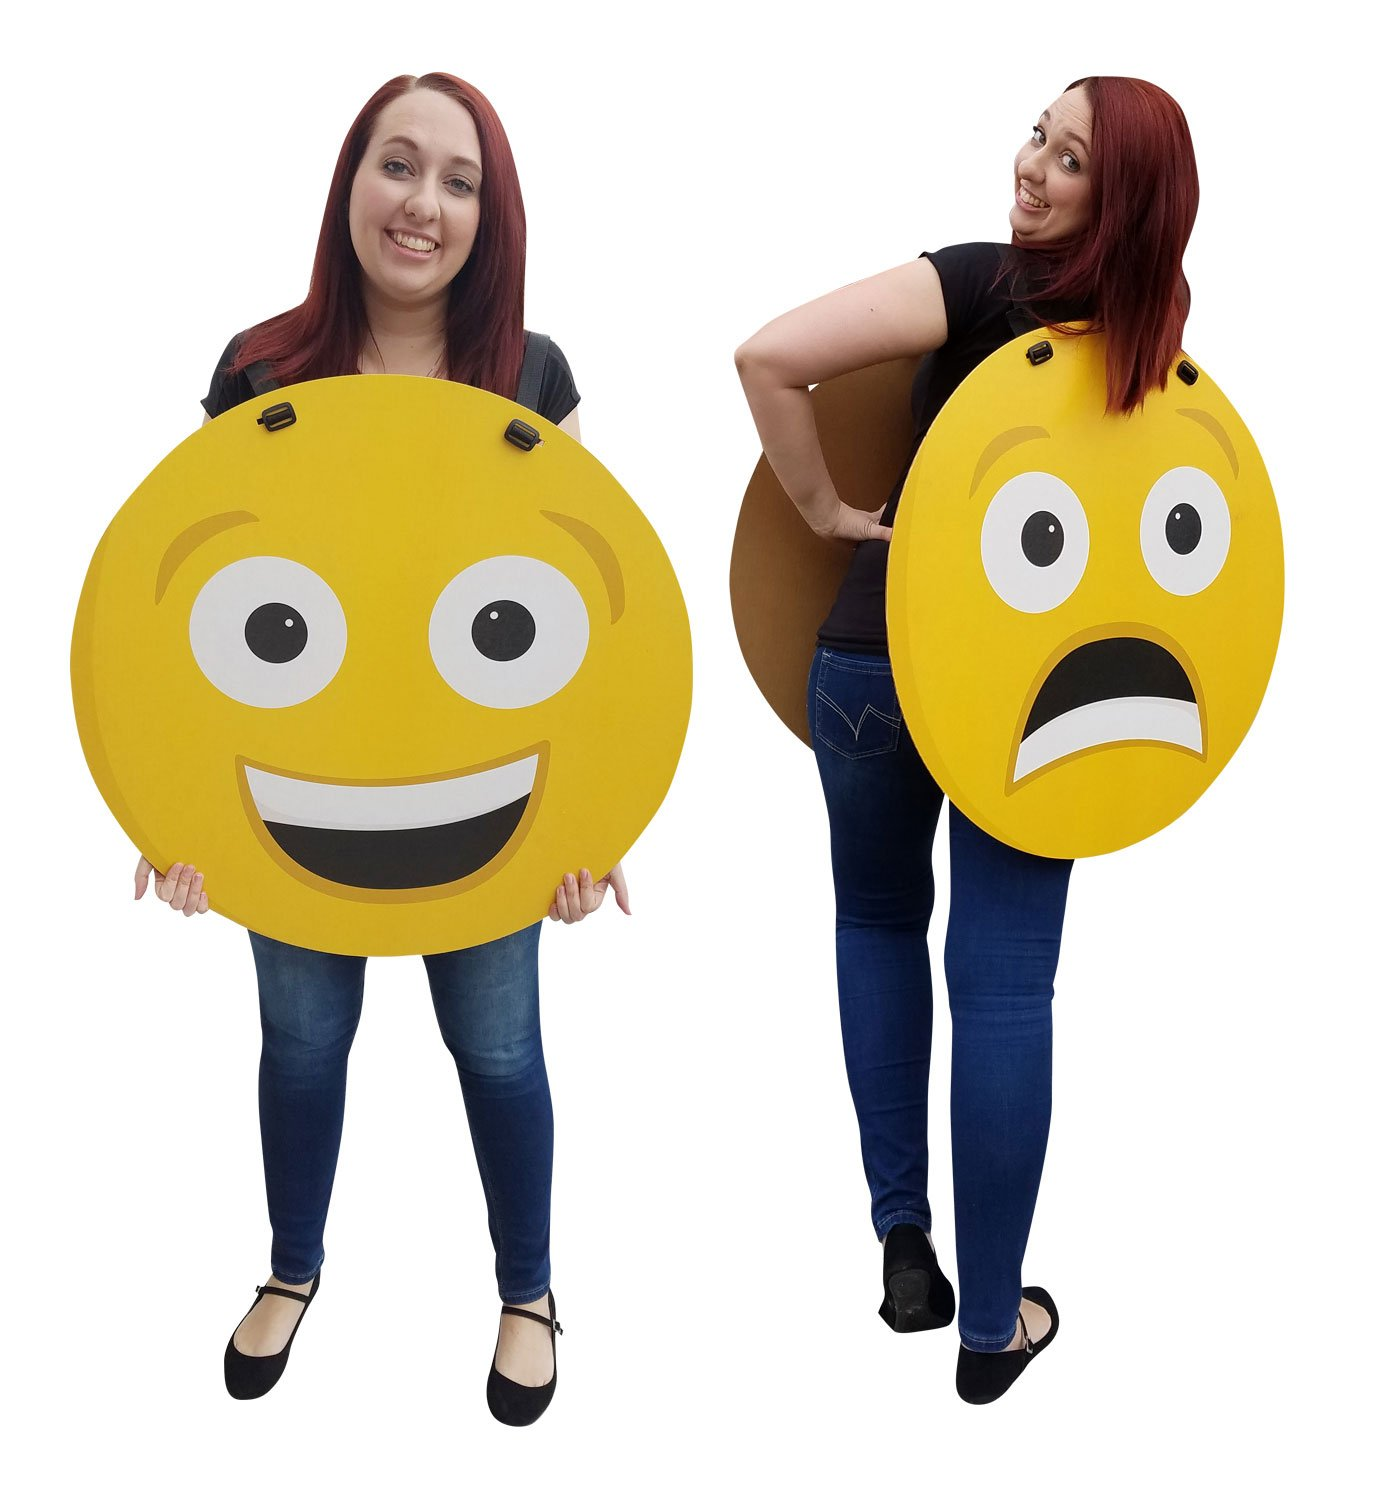 Happy/Sad Emoji Costume - Advanced Graphics Cardboard Costume